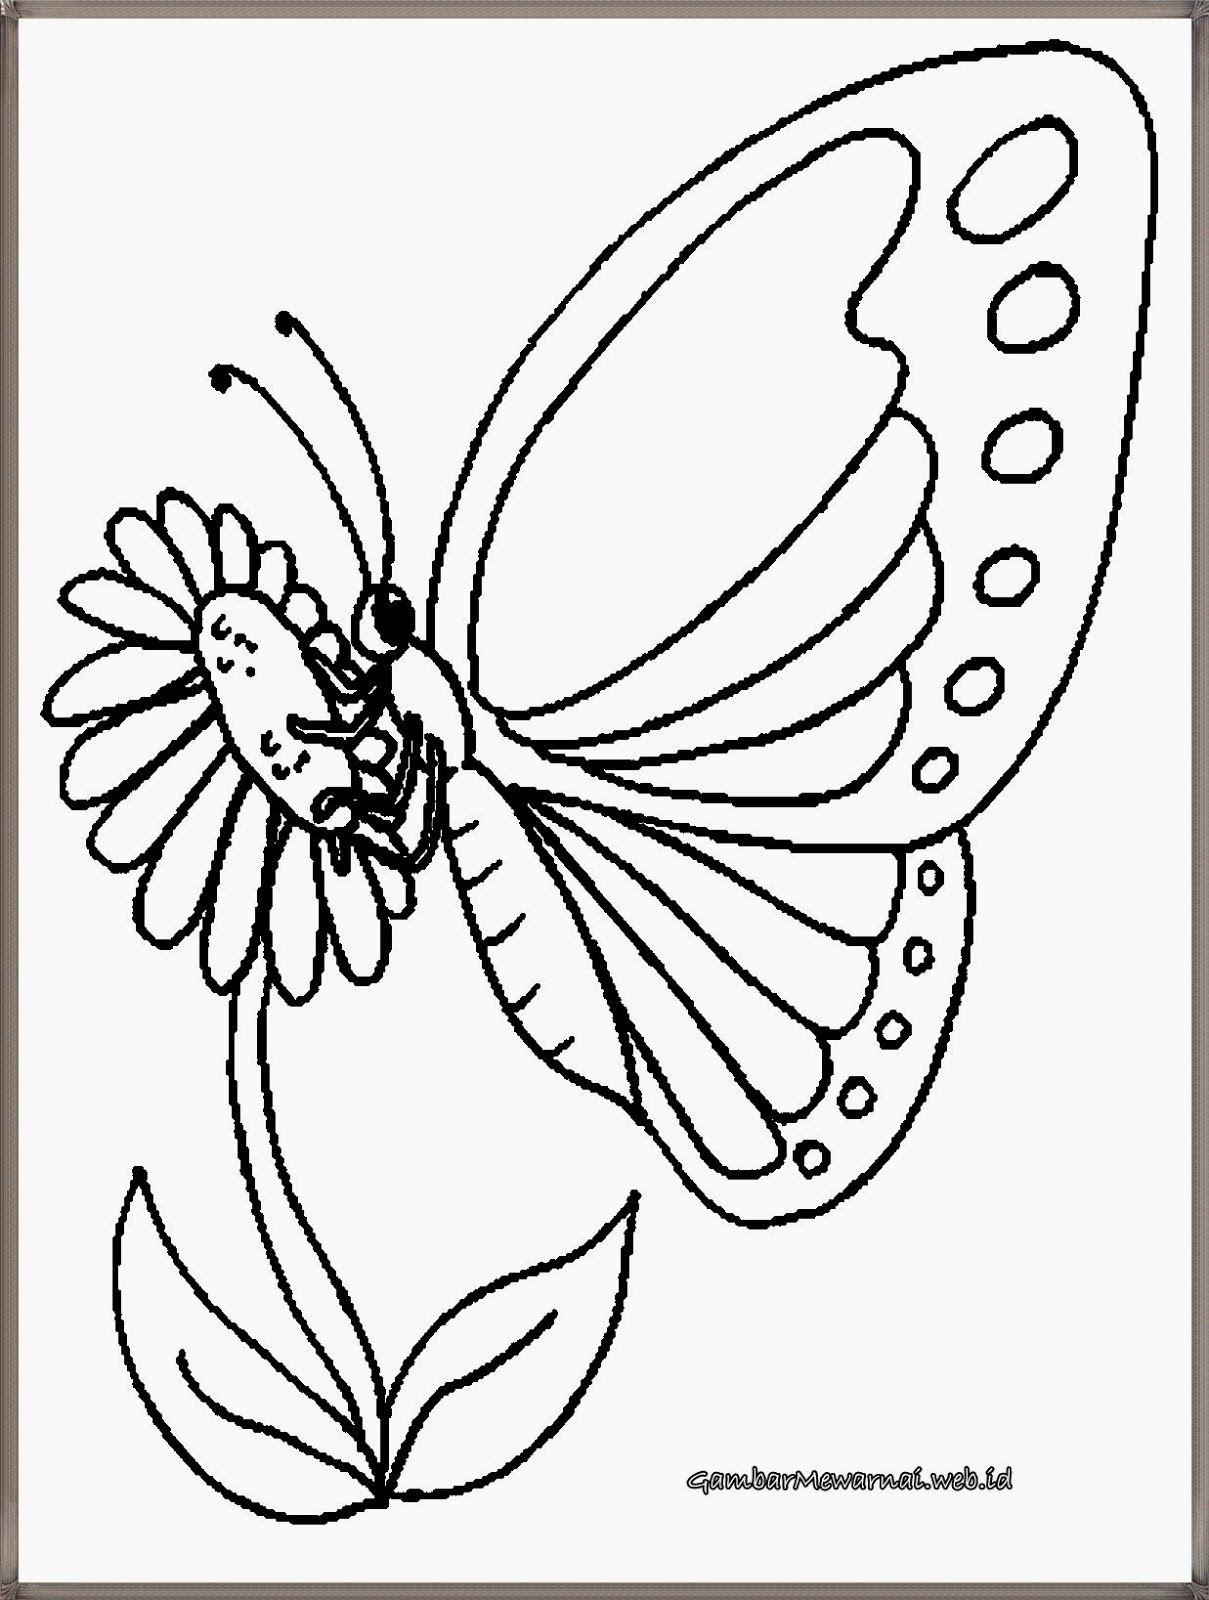 Gambar Bunga Dan Kupu-kupu : gambar, bunga, kupu-kupu, Mewarnai, Gambar, Kupu-kupu, Menggambar, Kupu-kupu,, Halaman, Bunga,